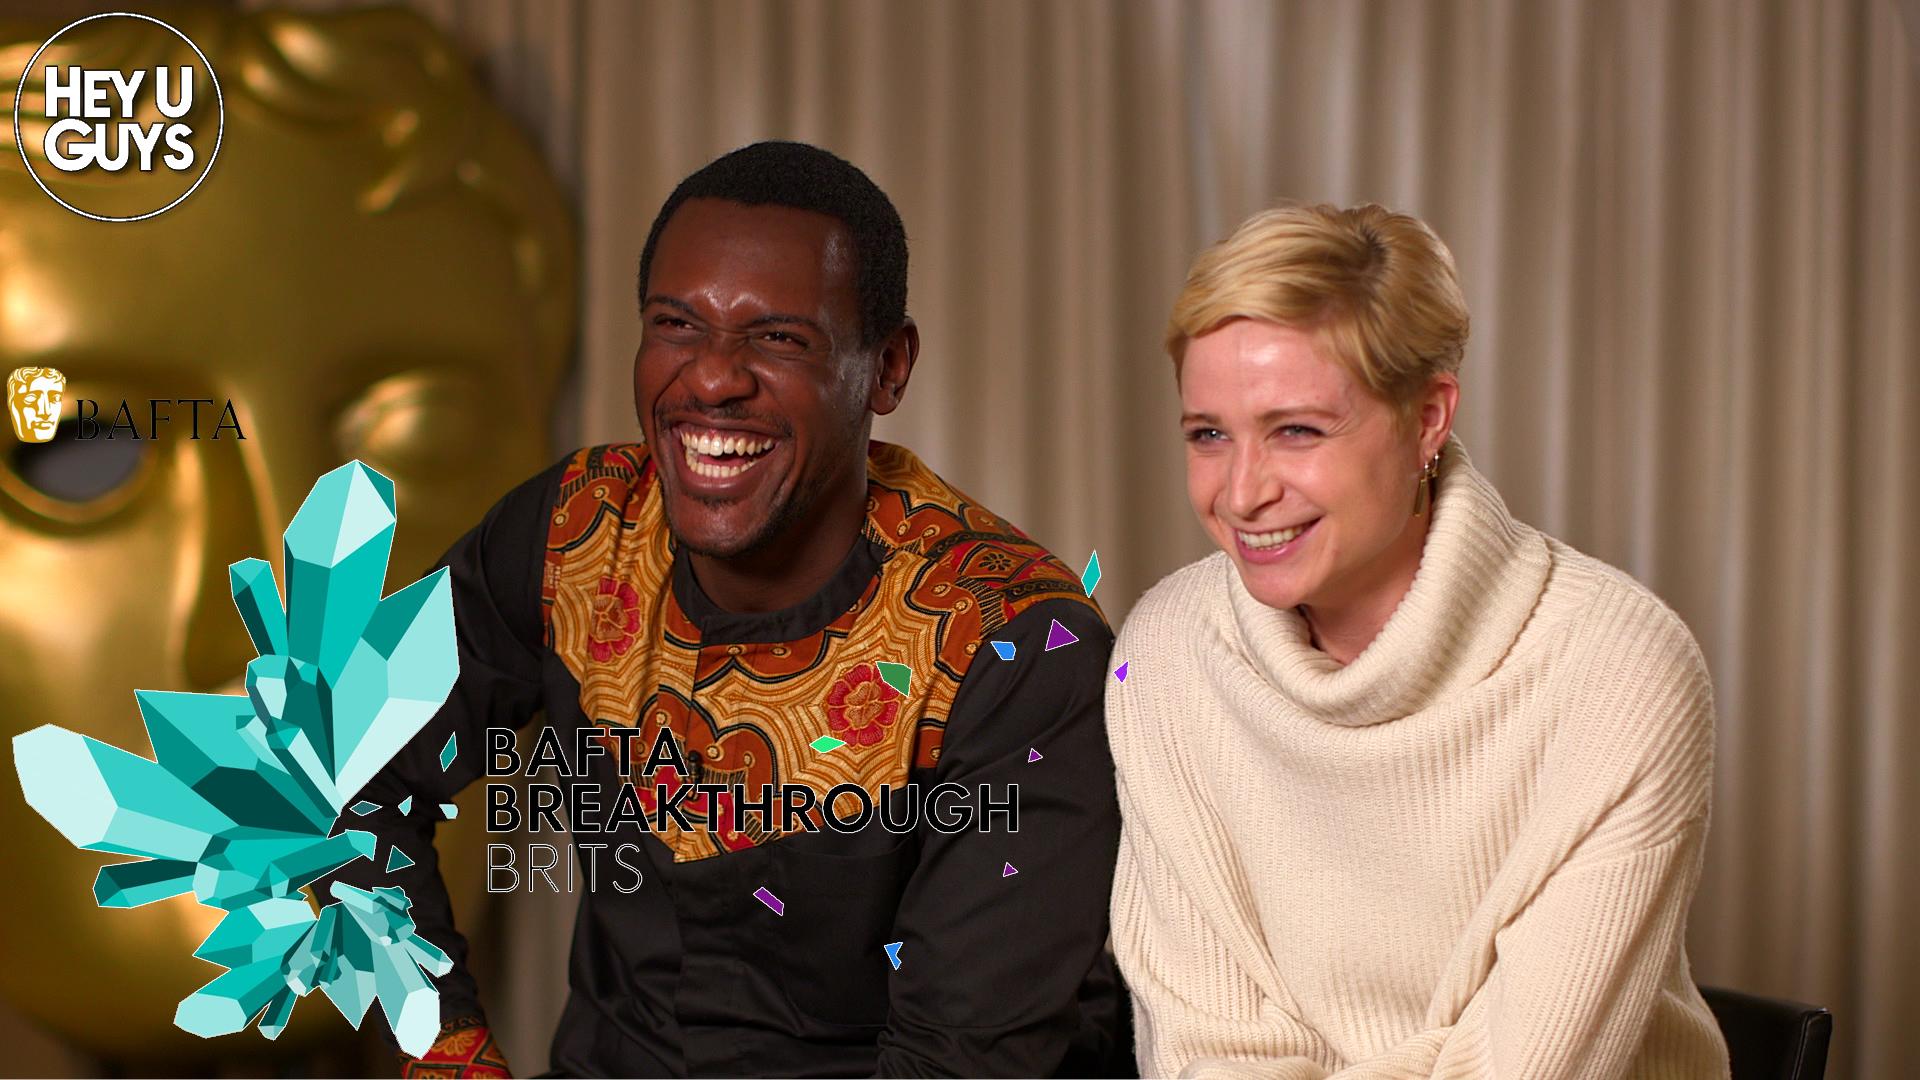 BAFTA-Breakthrough-Brits-Abu-Salim-Niamh-Algar